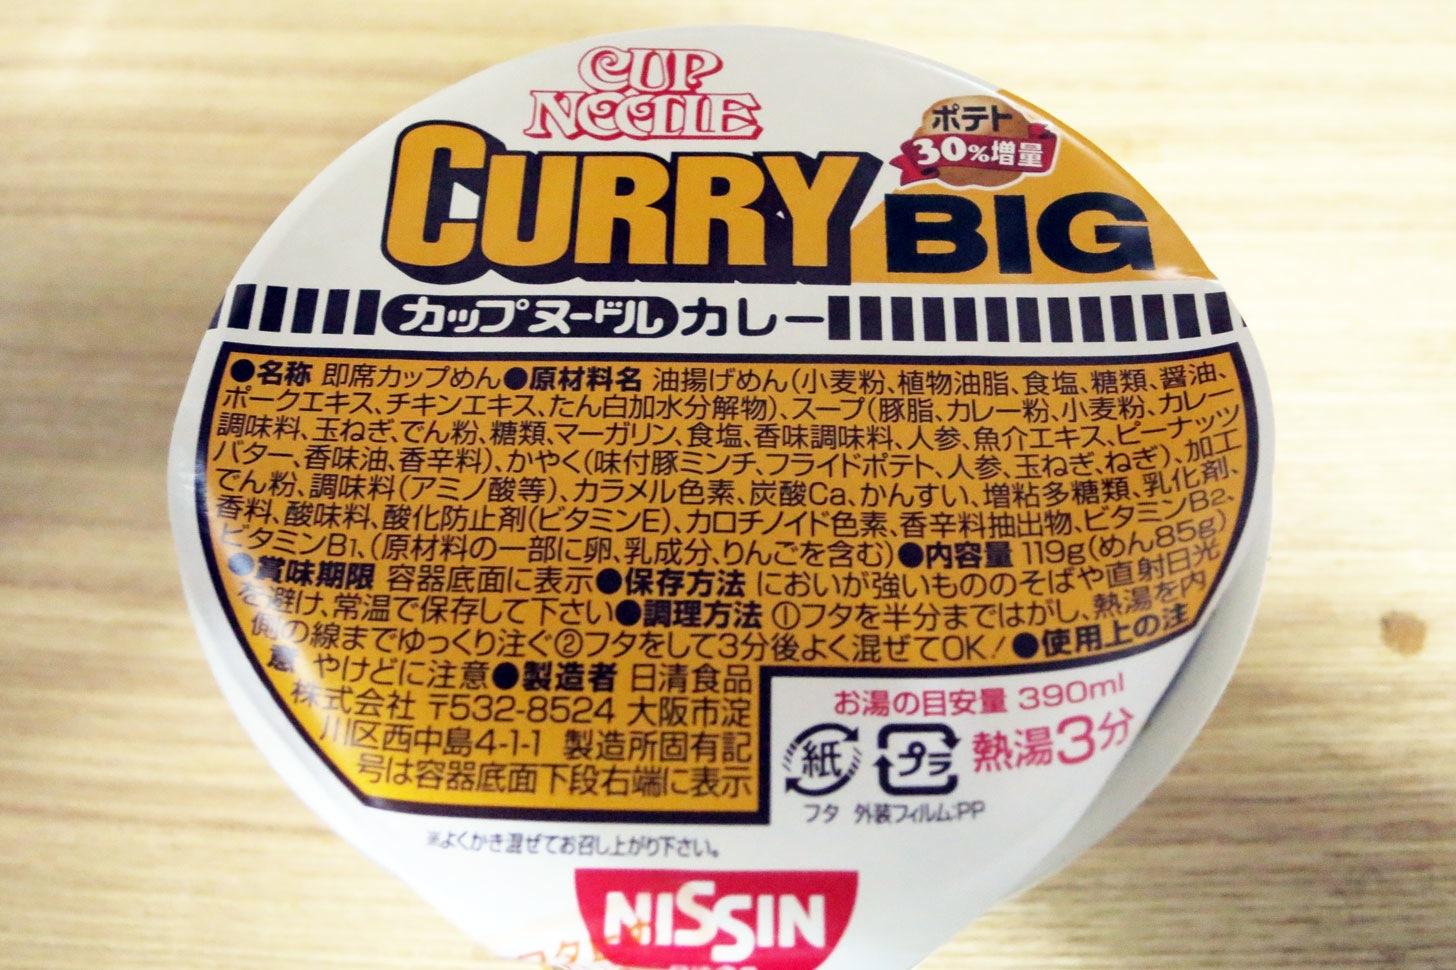 カップヌードル カレー味 BIG